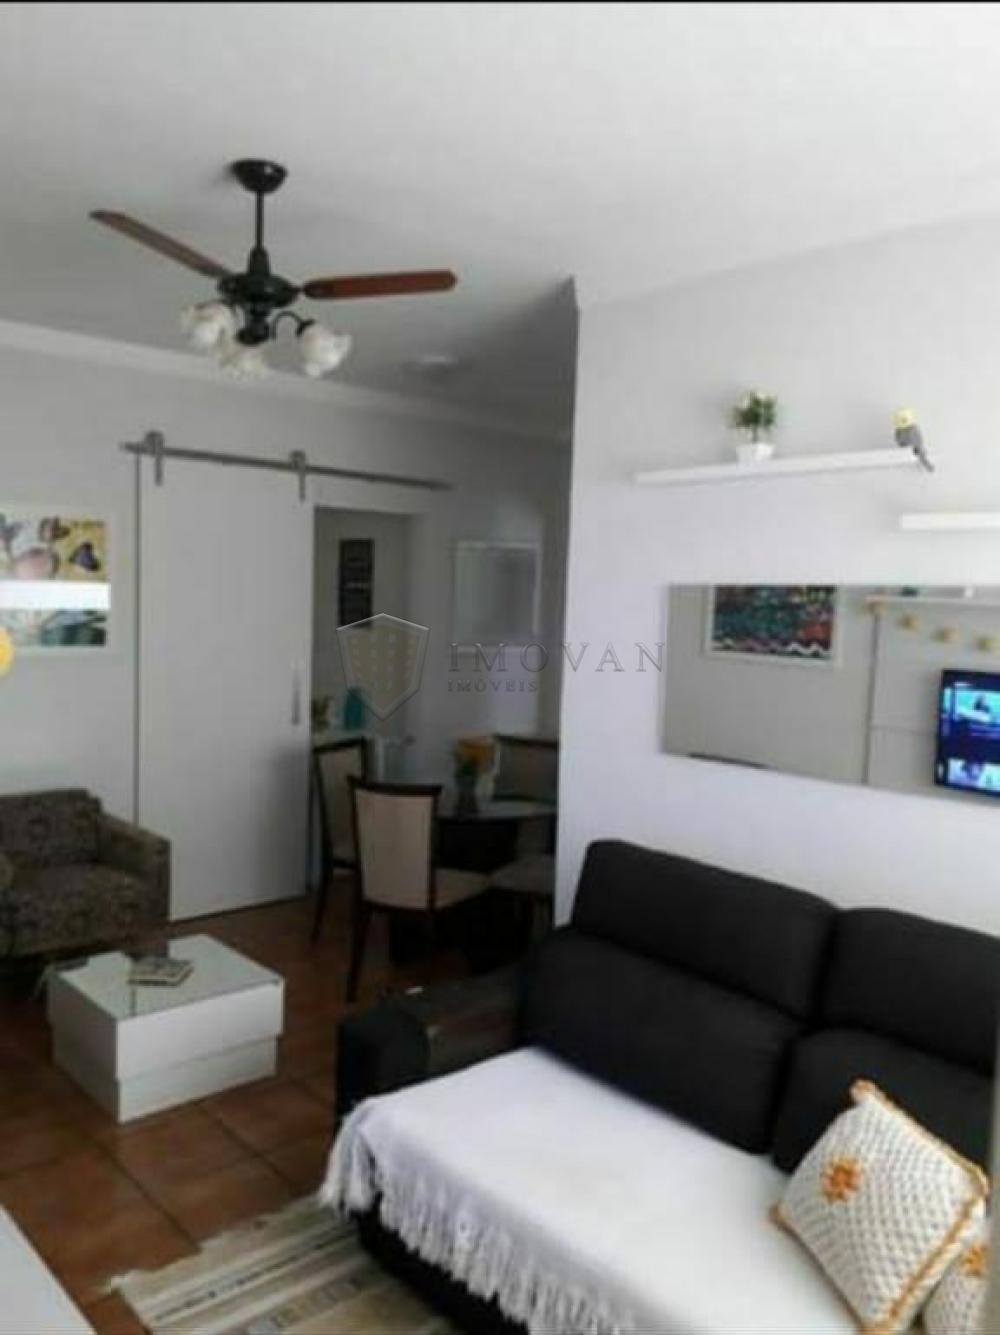 Comprar Apartamento / Padrão em Ribeirão Preto apenas R$ 160.000,00 - Foto 3